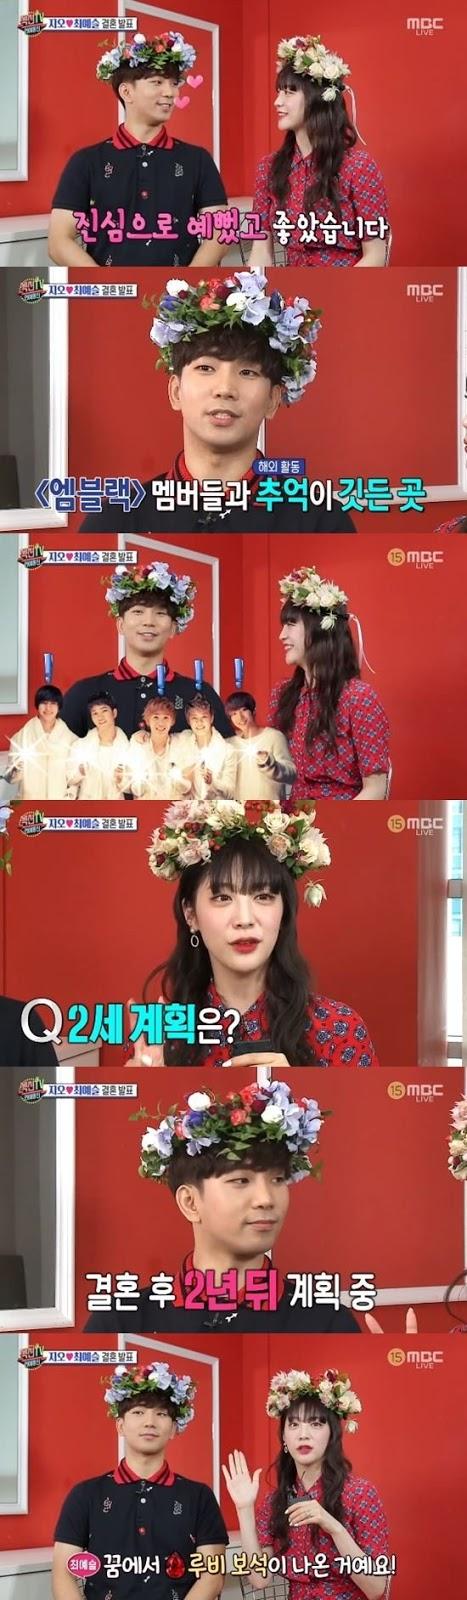 G.O ve Choi Ye Seul evliliklerinin ikinci yılında çocuk sahibi olmayı planlıyorlar